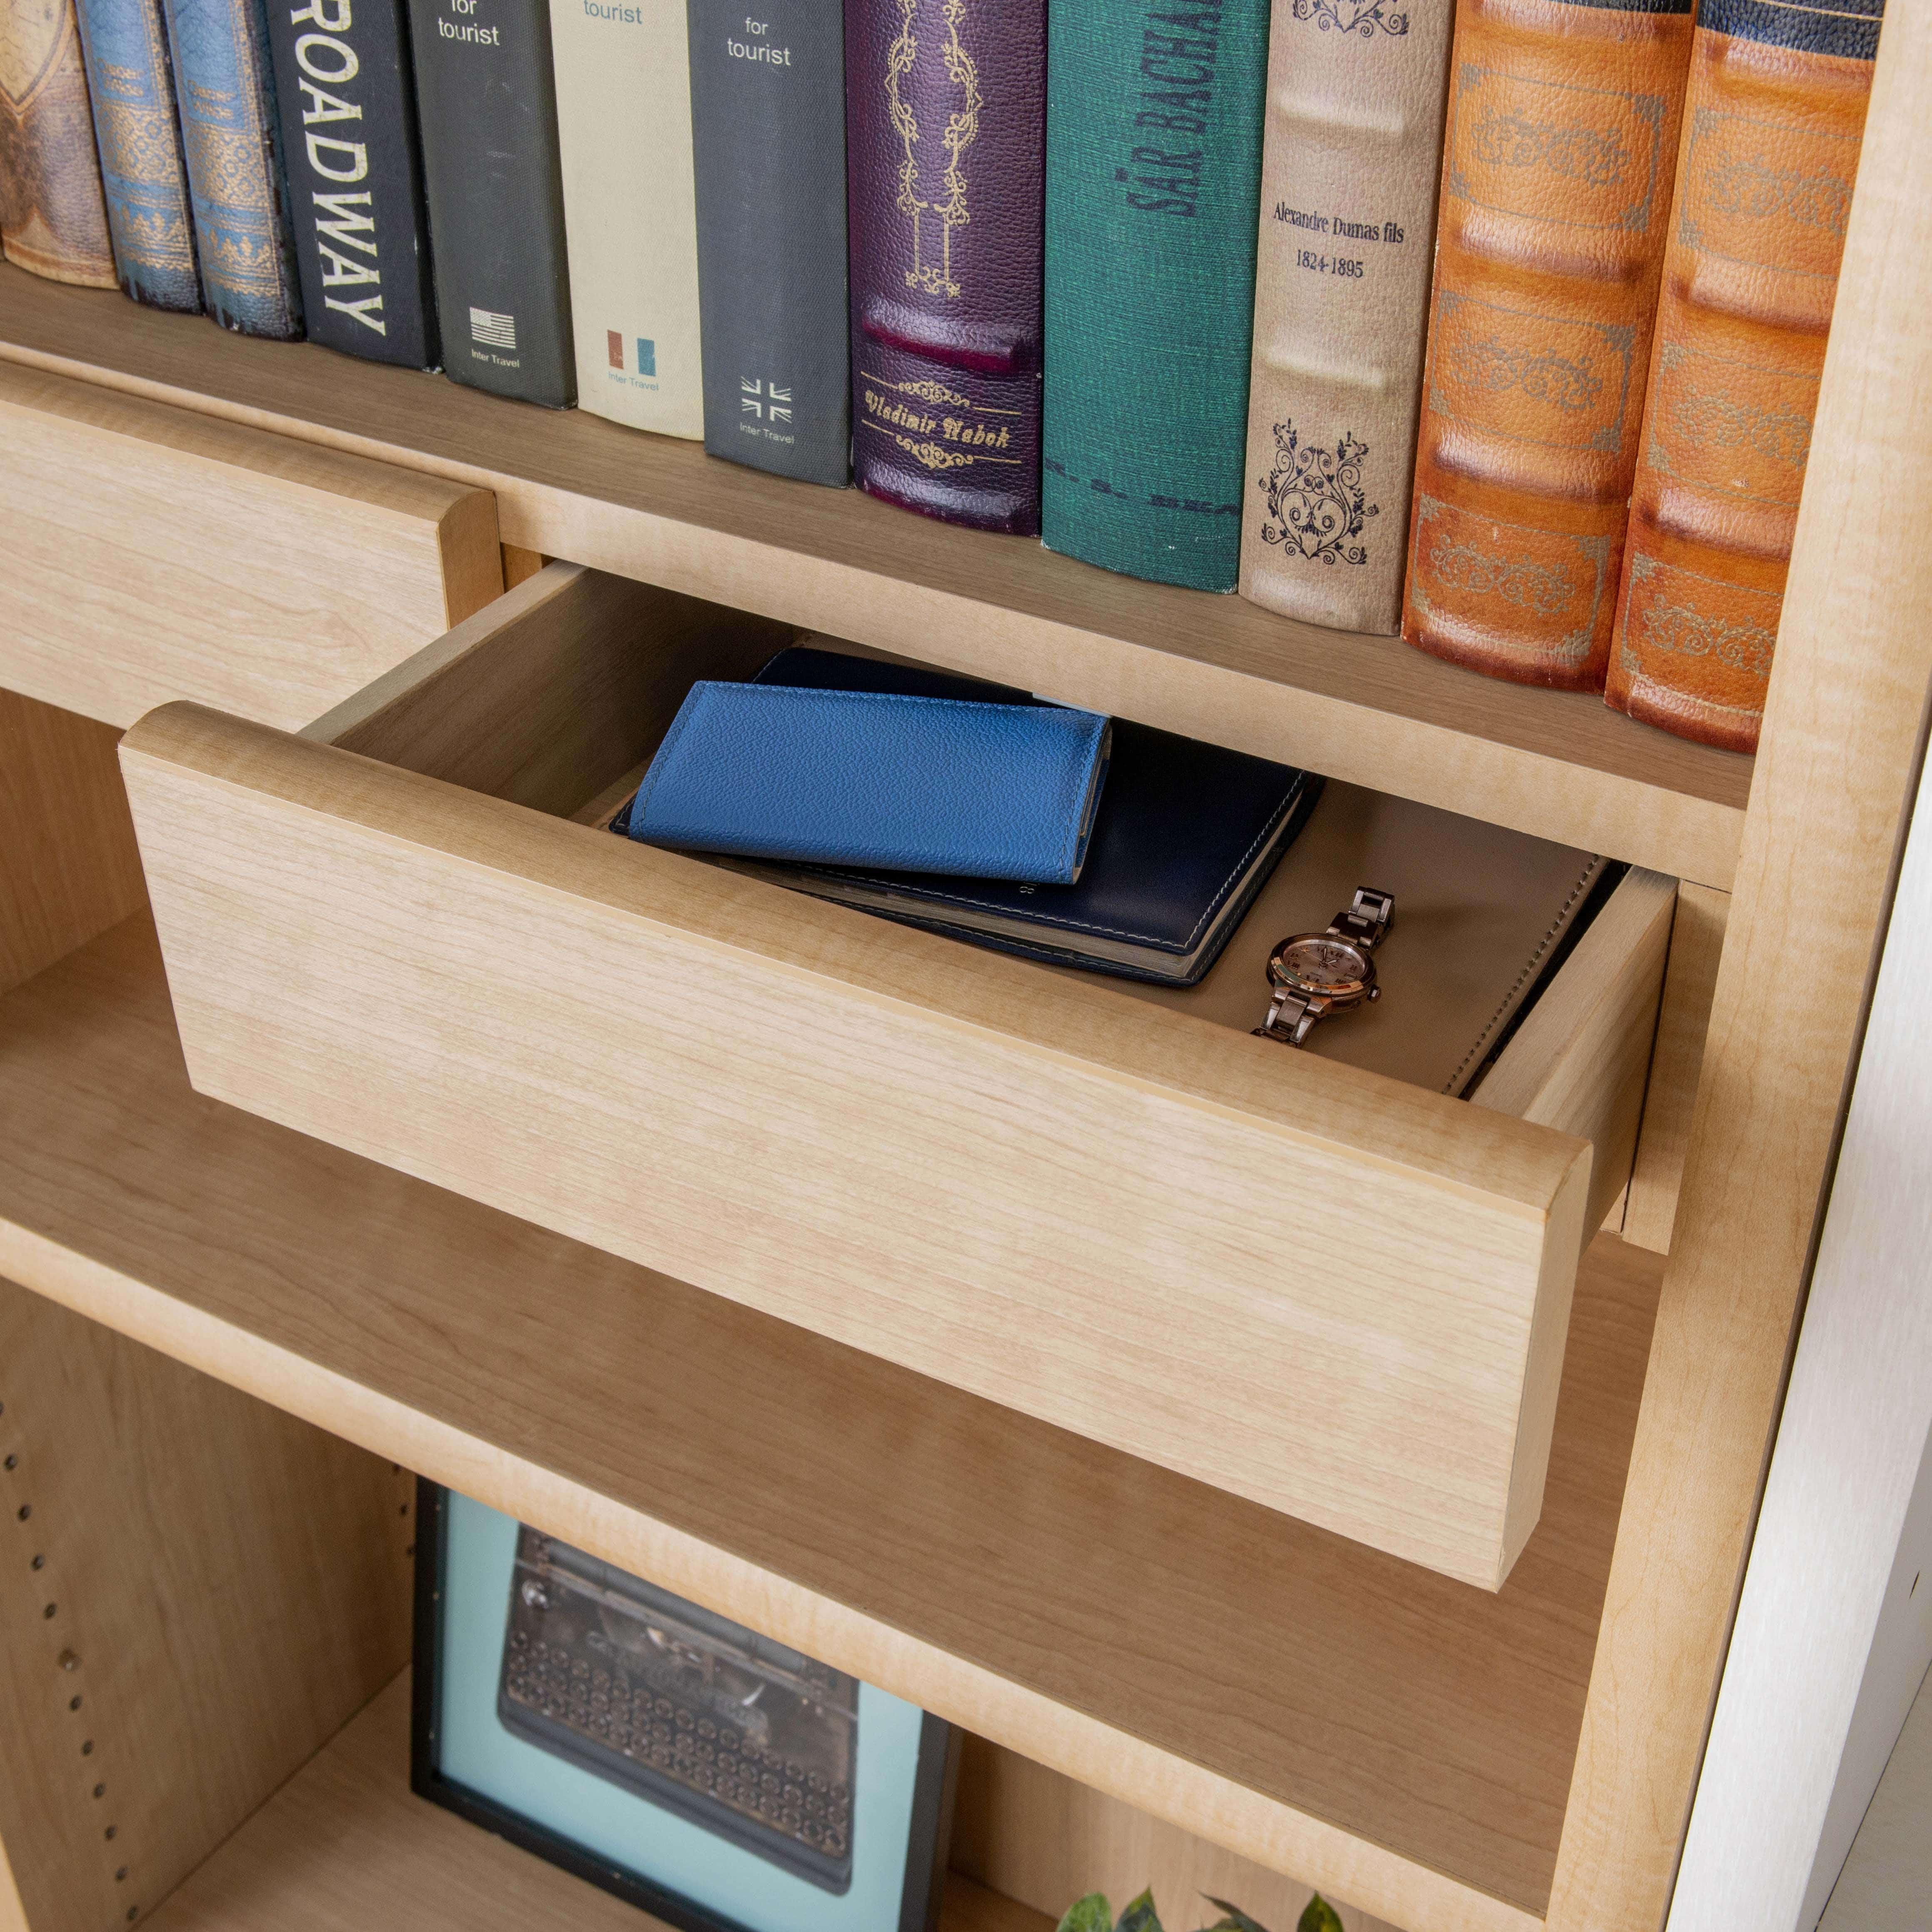 小島工芸 書棚 アコード80H(ウォールモカ):収納の幅を広げるオプション引き出し